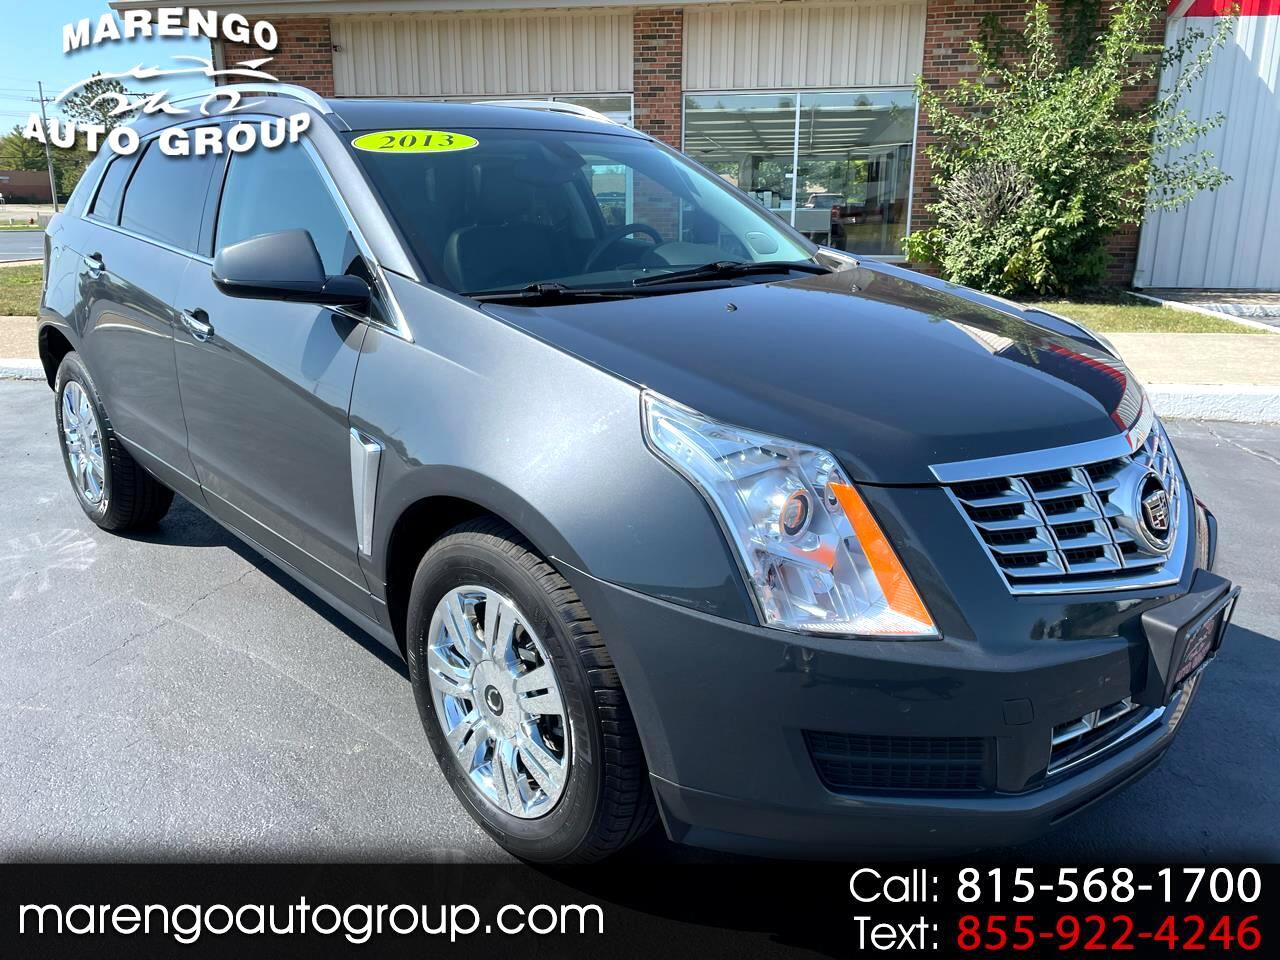 used 2013 Cadillac SRX car, priced at $14,996